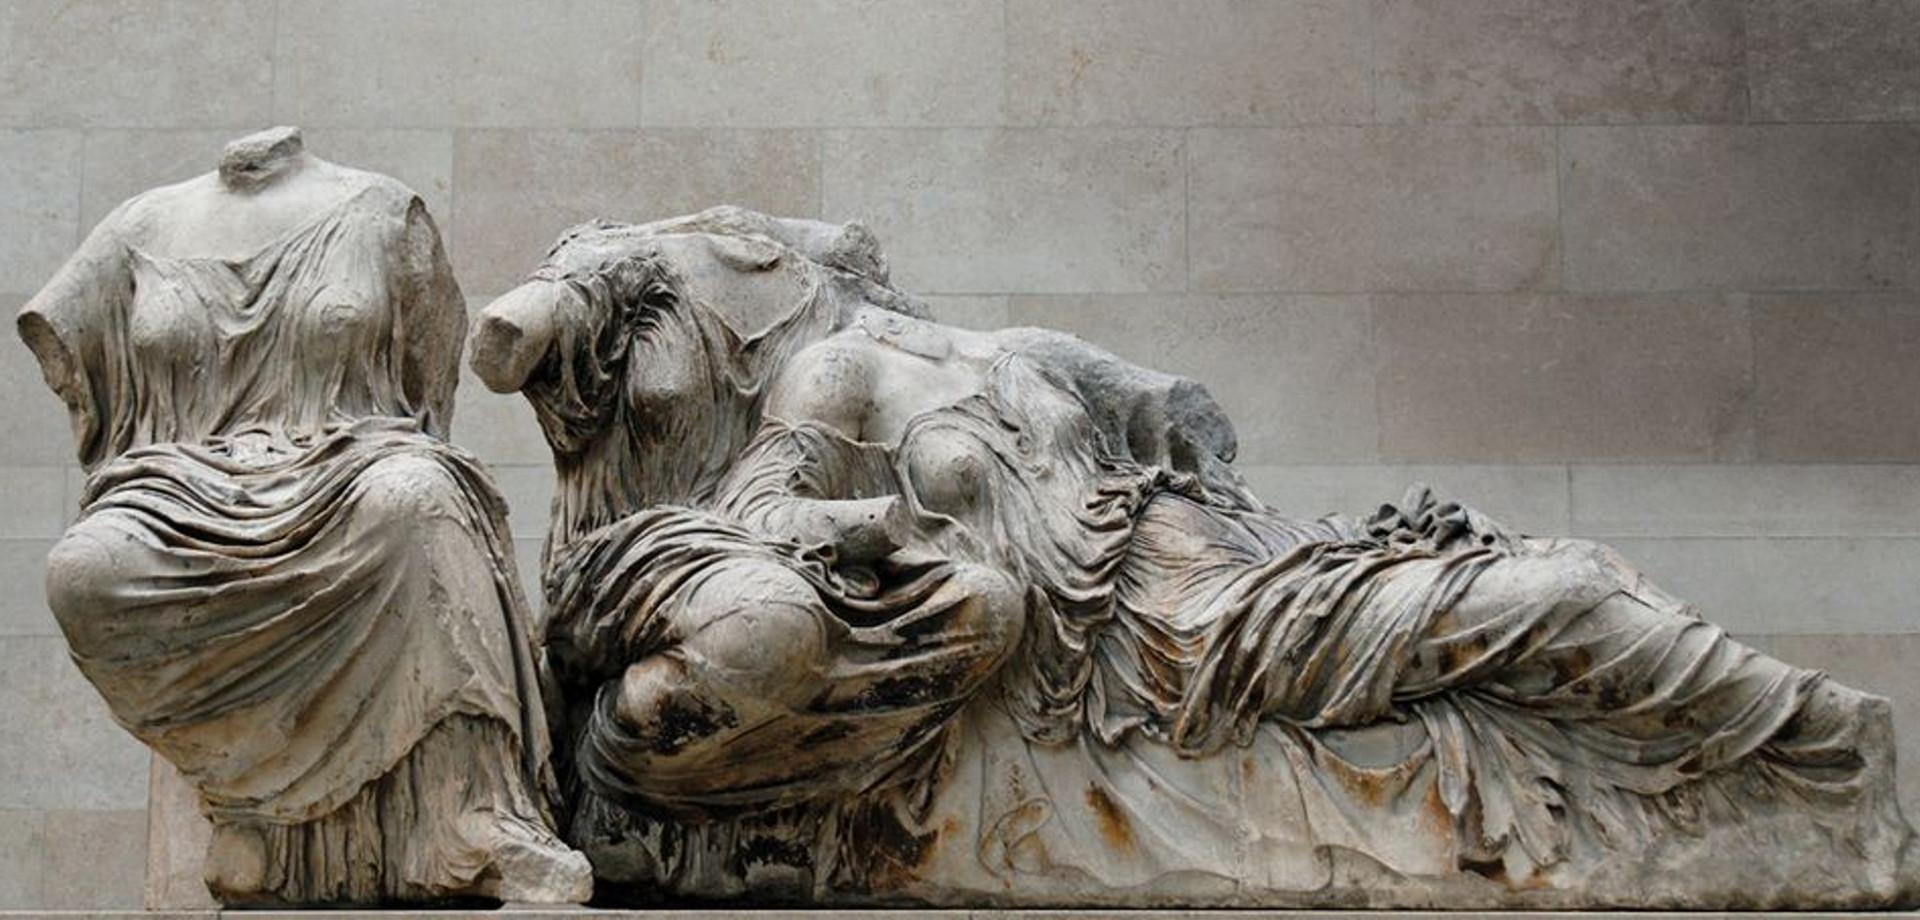 Βρετανικό Μουσείο: Τα έργα του Ροντέν δίπλα στα γλυπτά του Παρθενώνα -  ελcblog - exhibitionism - ελcBlog - elculture.gr